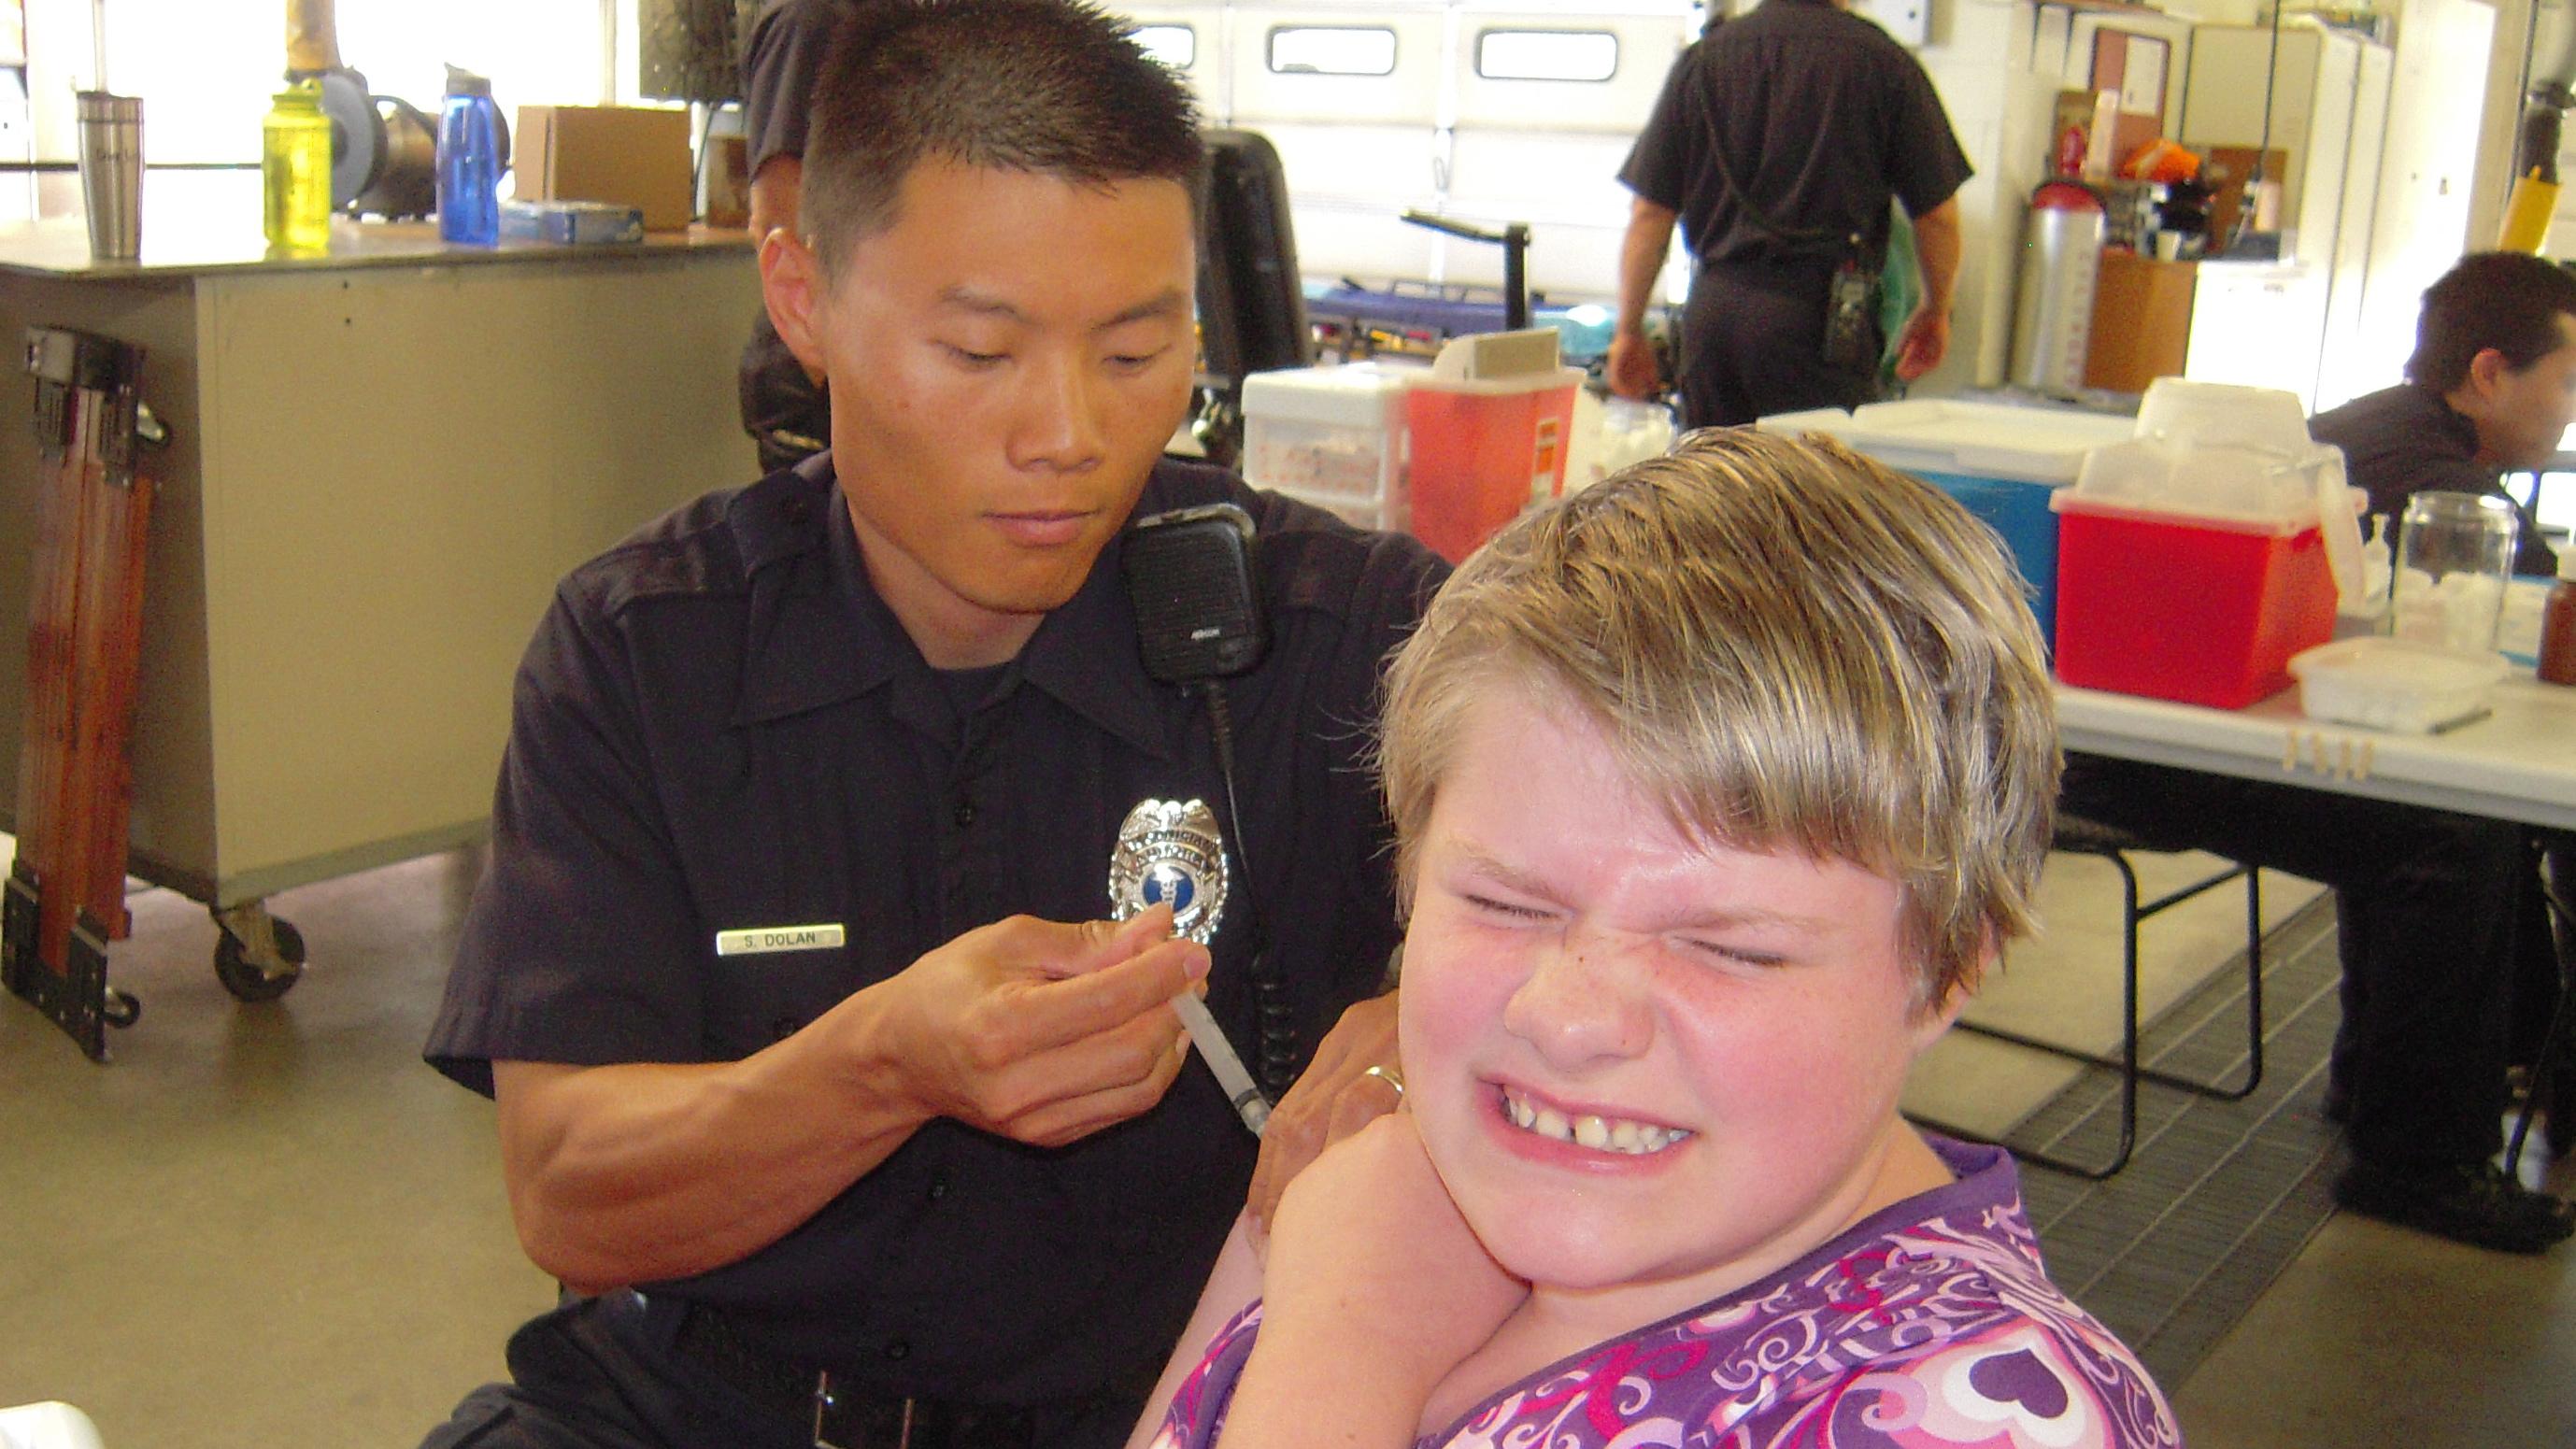 Kara Robinson, 11, received an immunization shot from Aurora fireman Sean Dolan at the Shots for Tots immunization clinic in 2011.